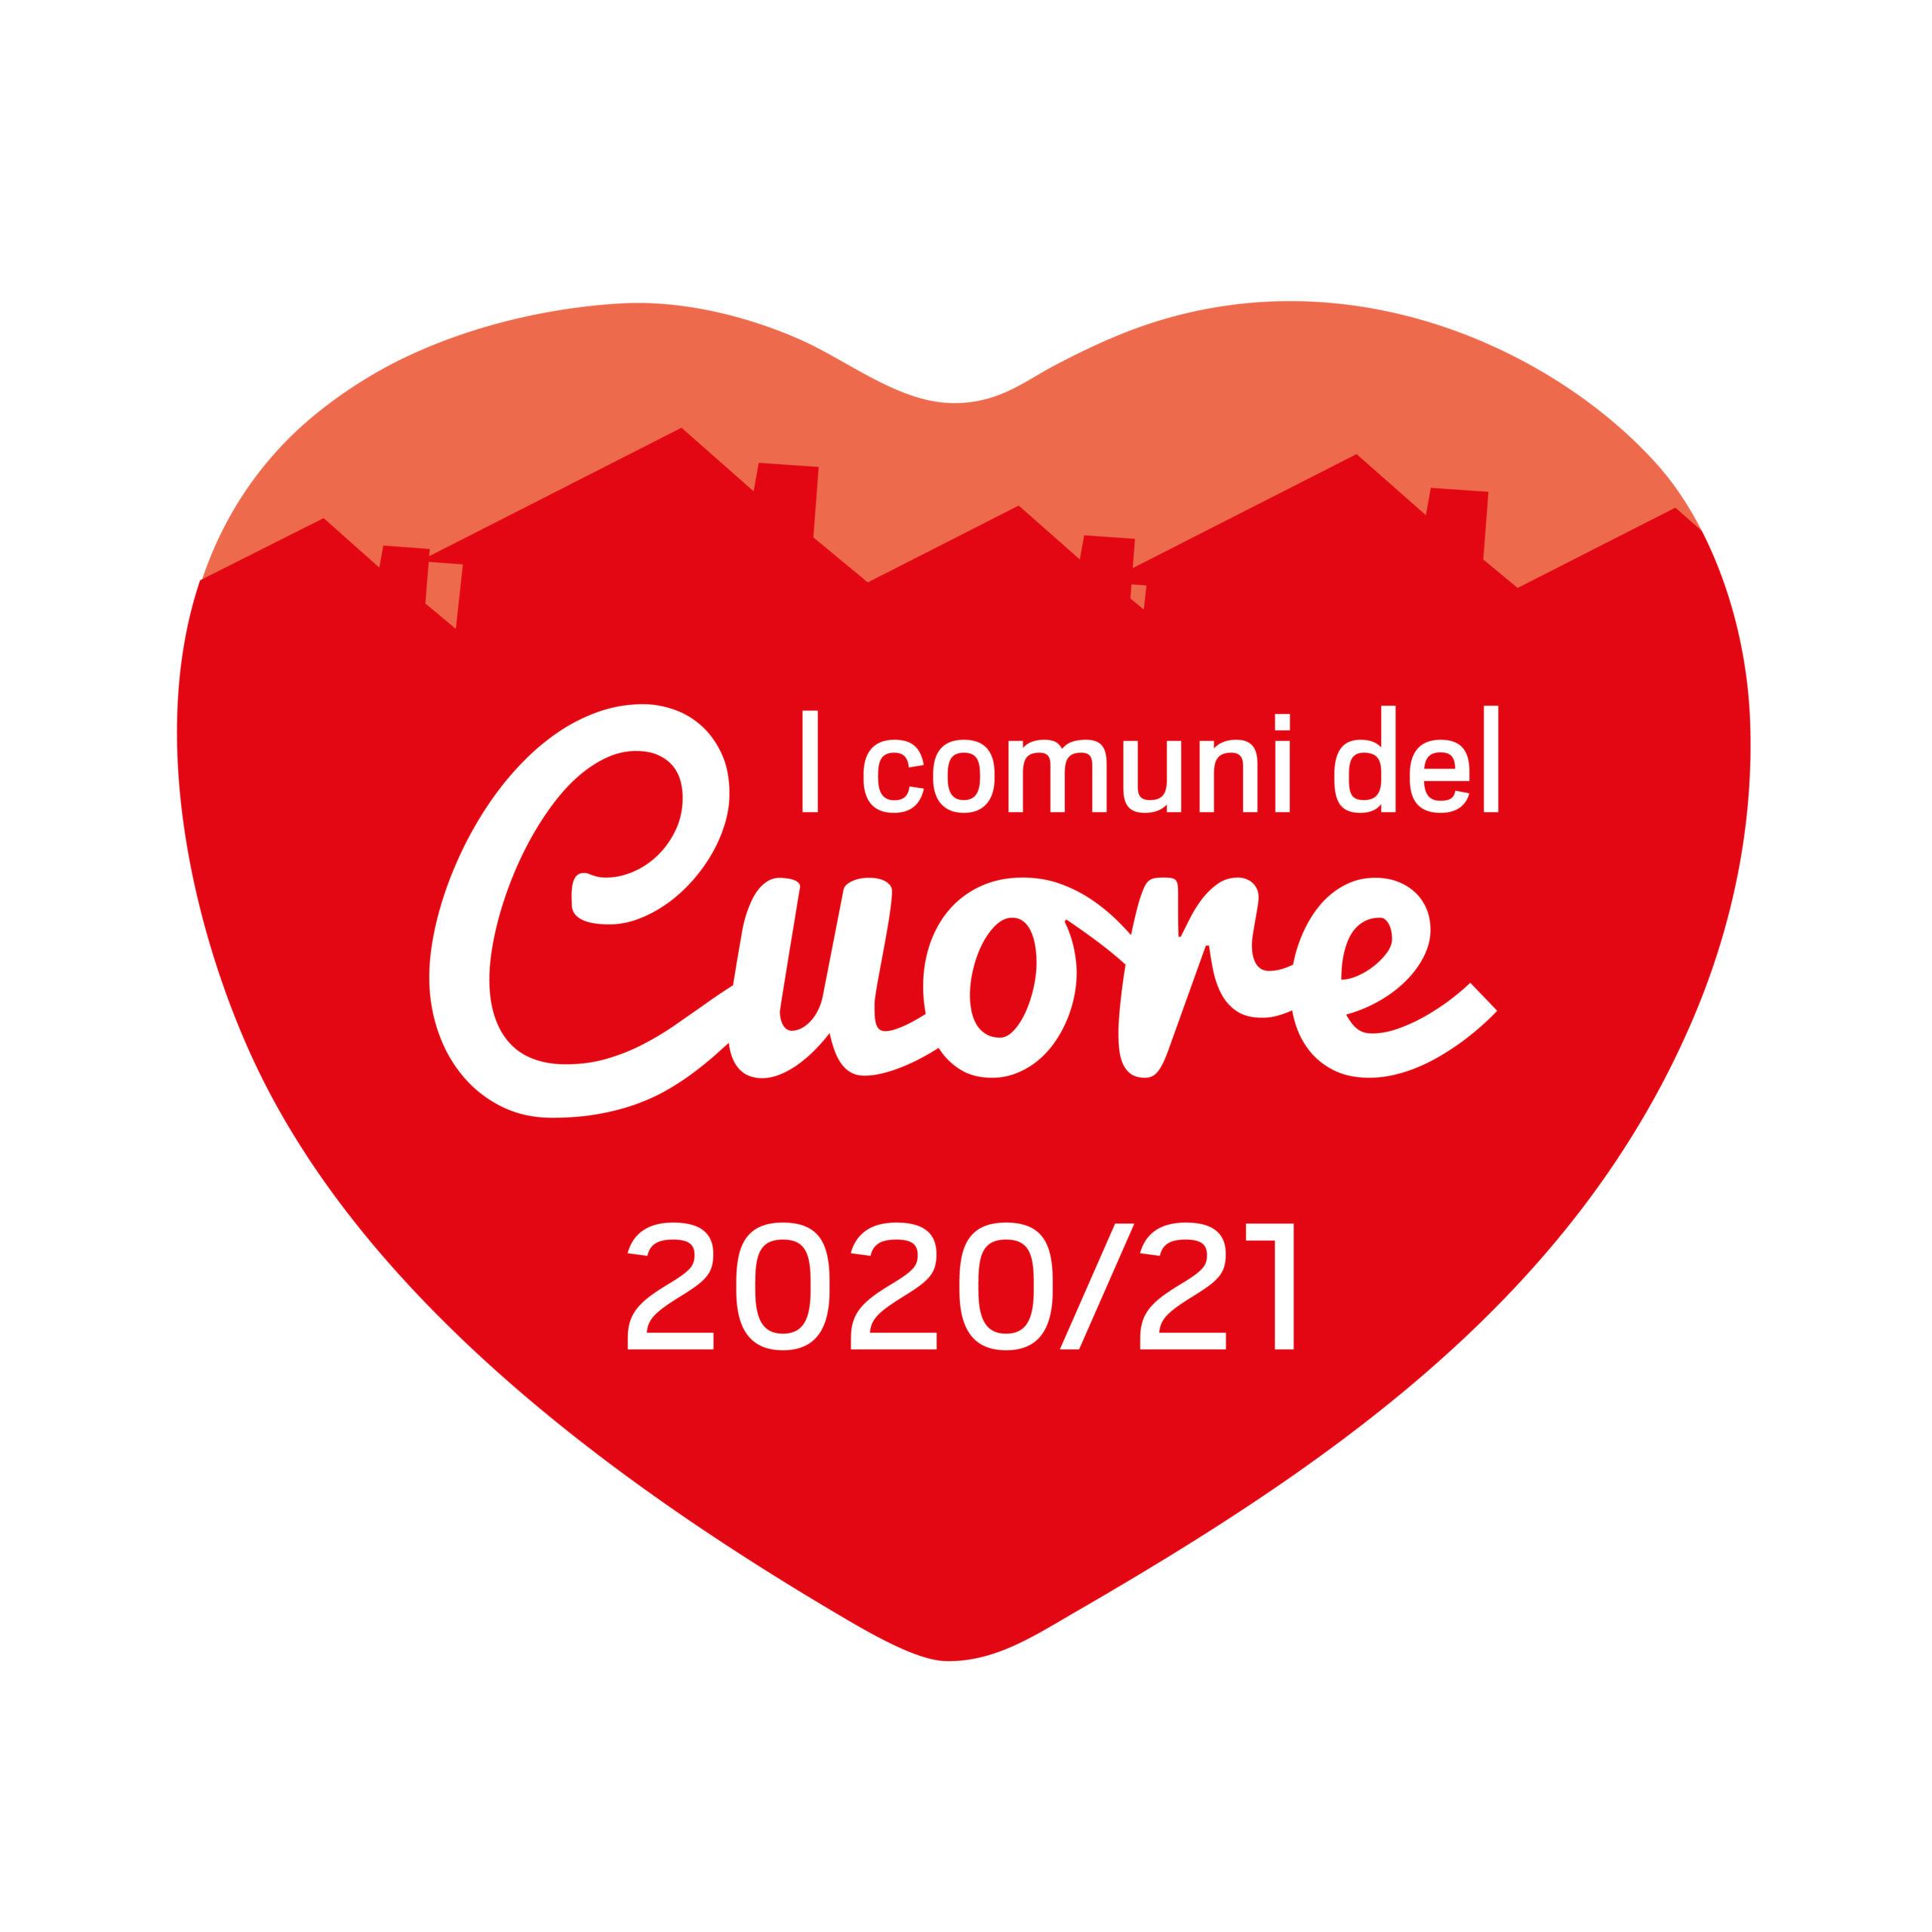 Logo-Cuore_Comuni-del-Cuore-COLORI